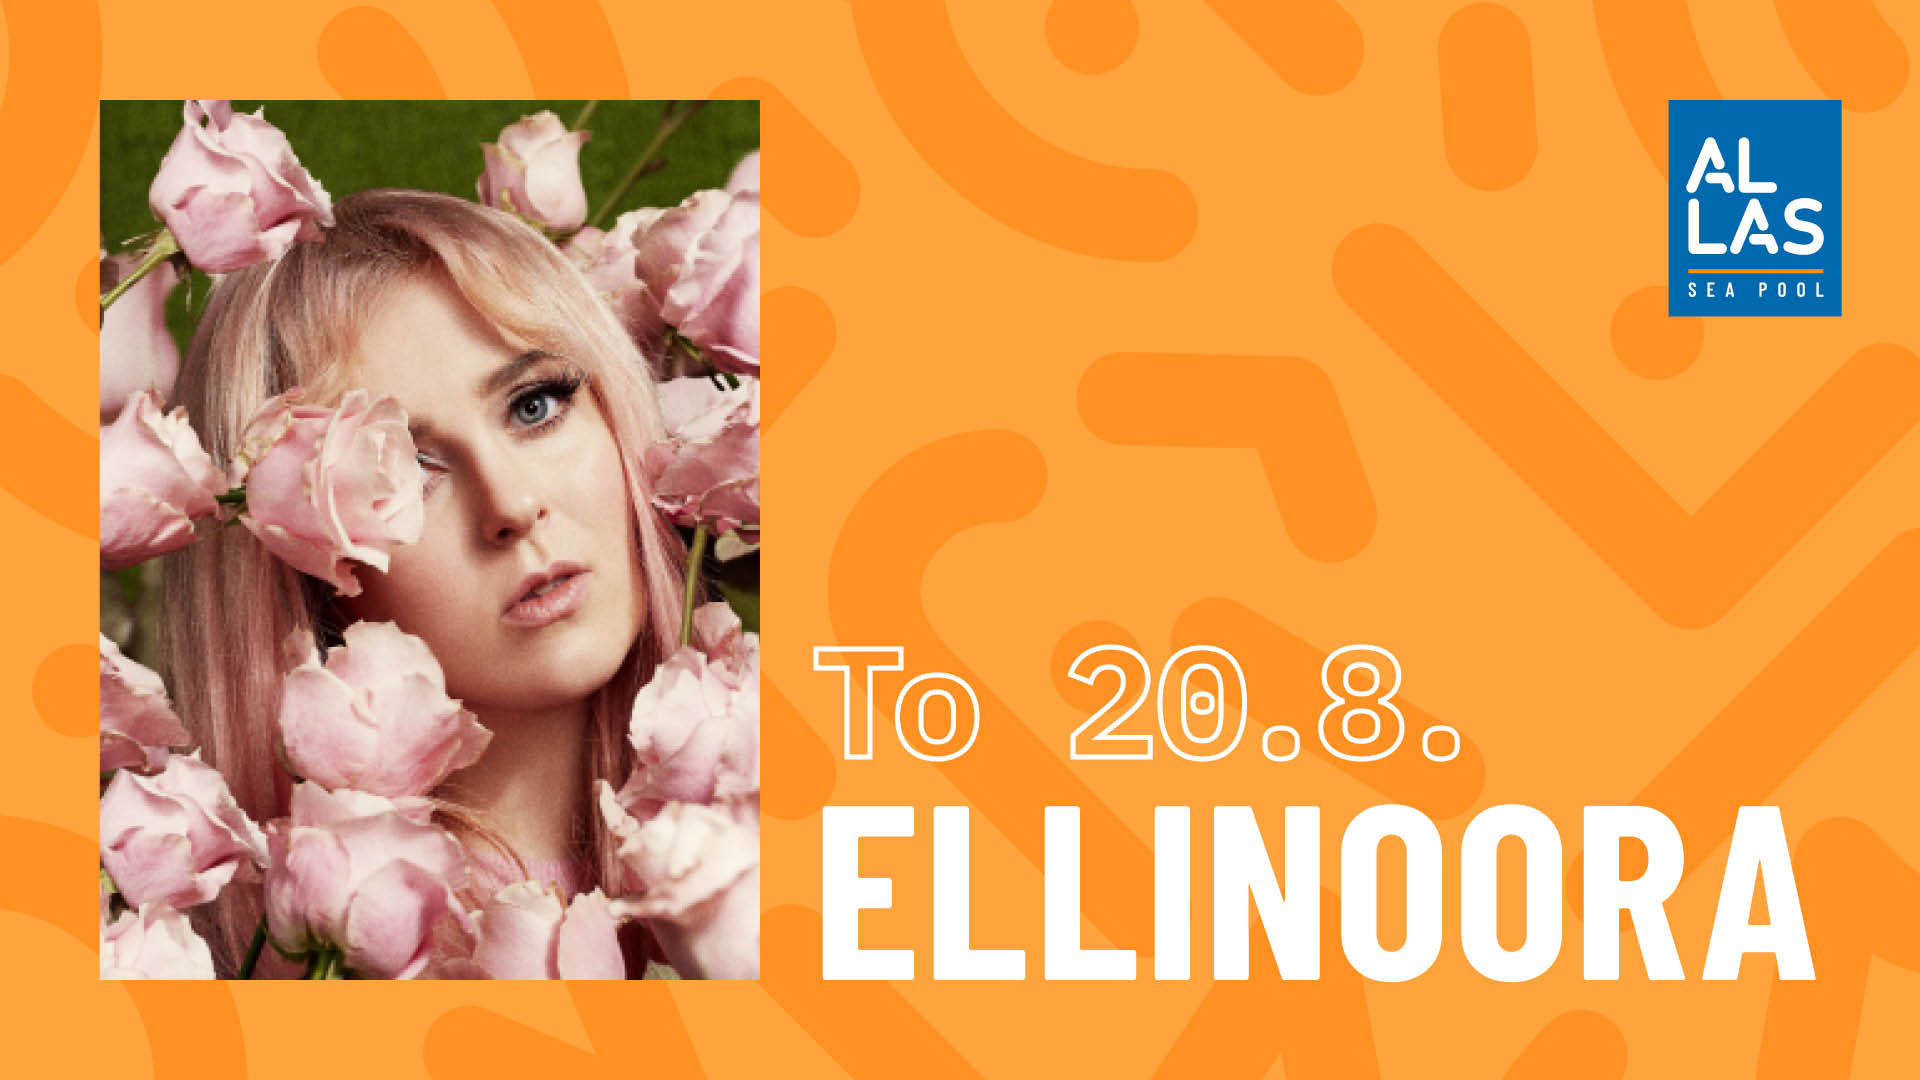 Linkki tapahtumaan Allas Live: Ellinoora